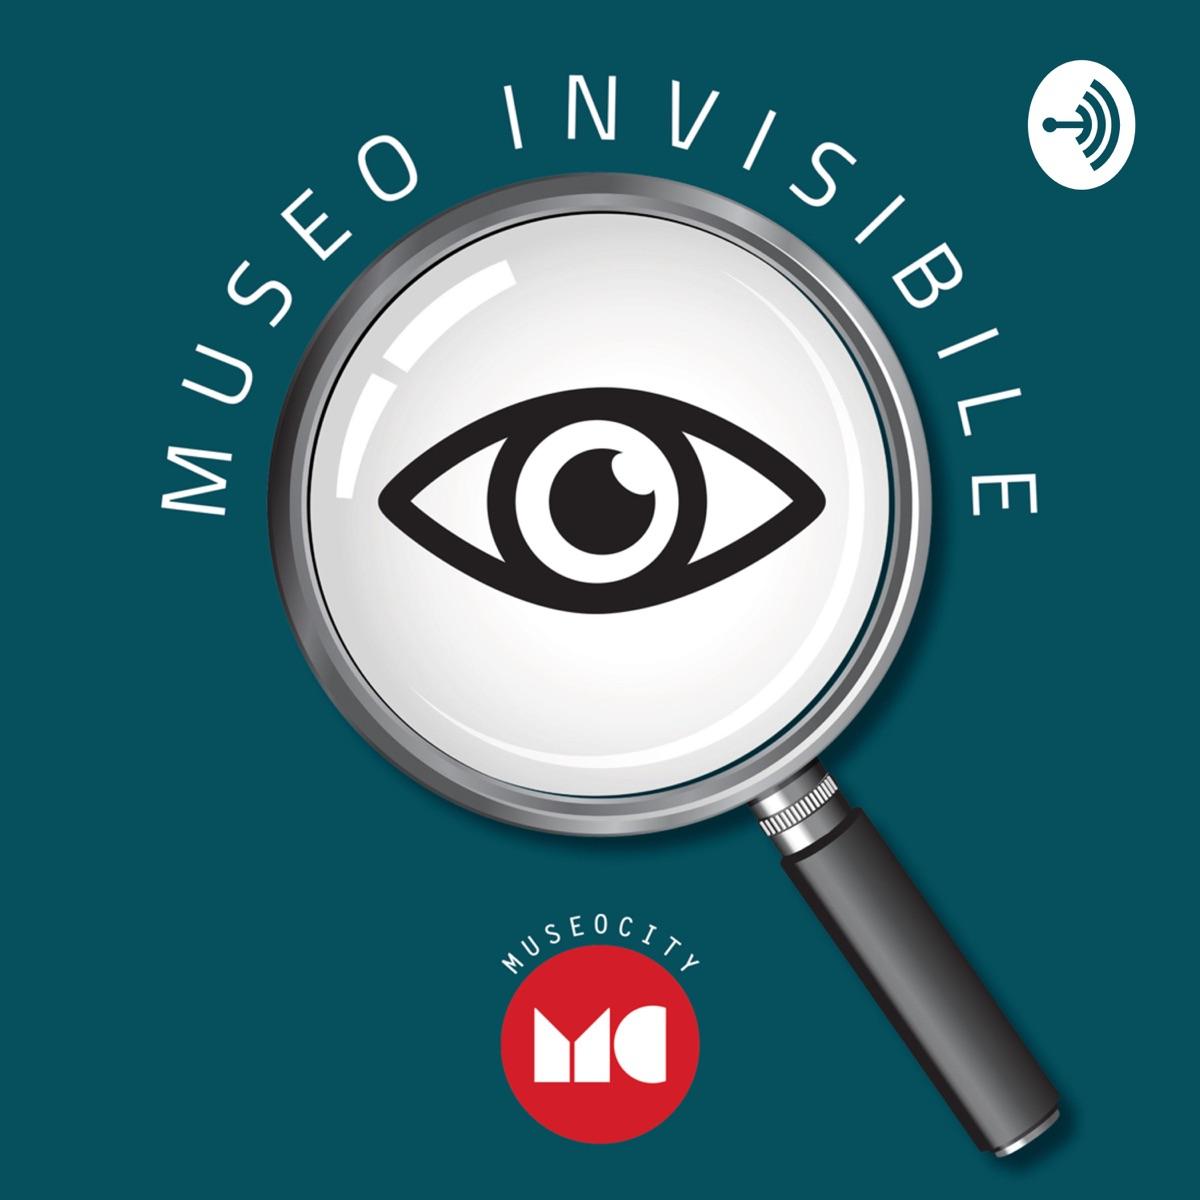 MuseoCity - Museo Invisibile